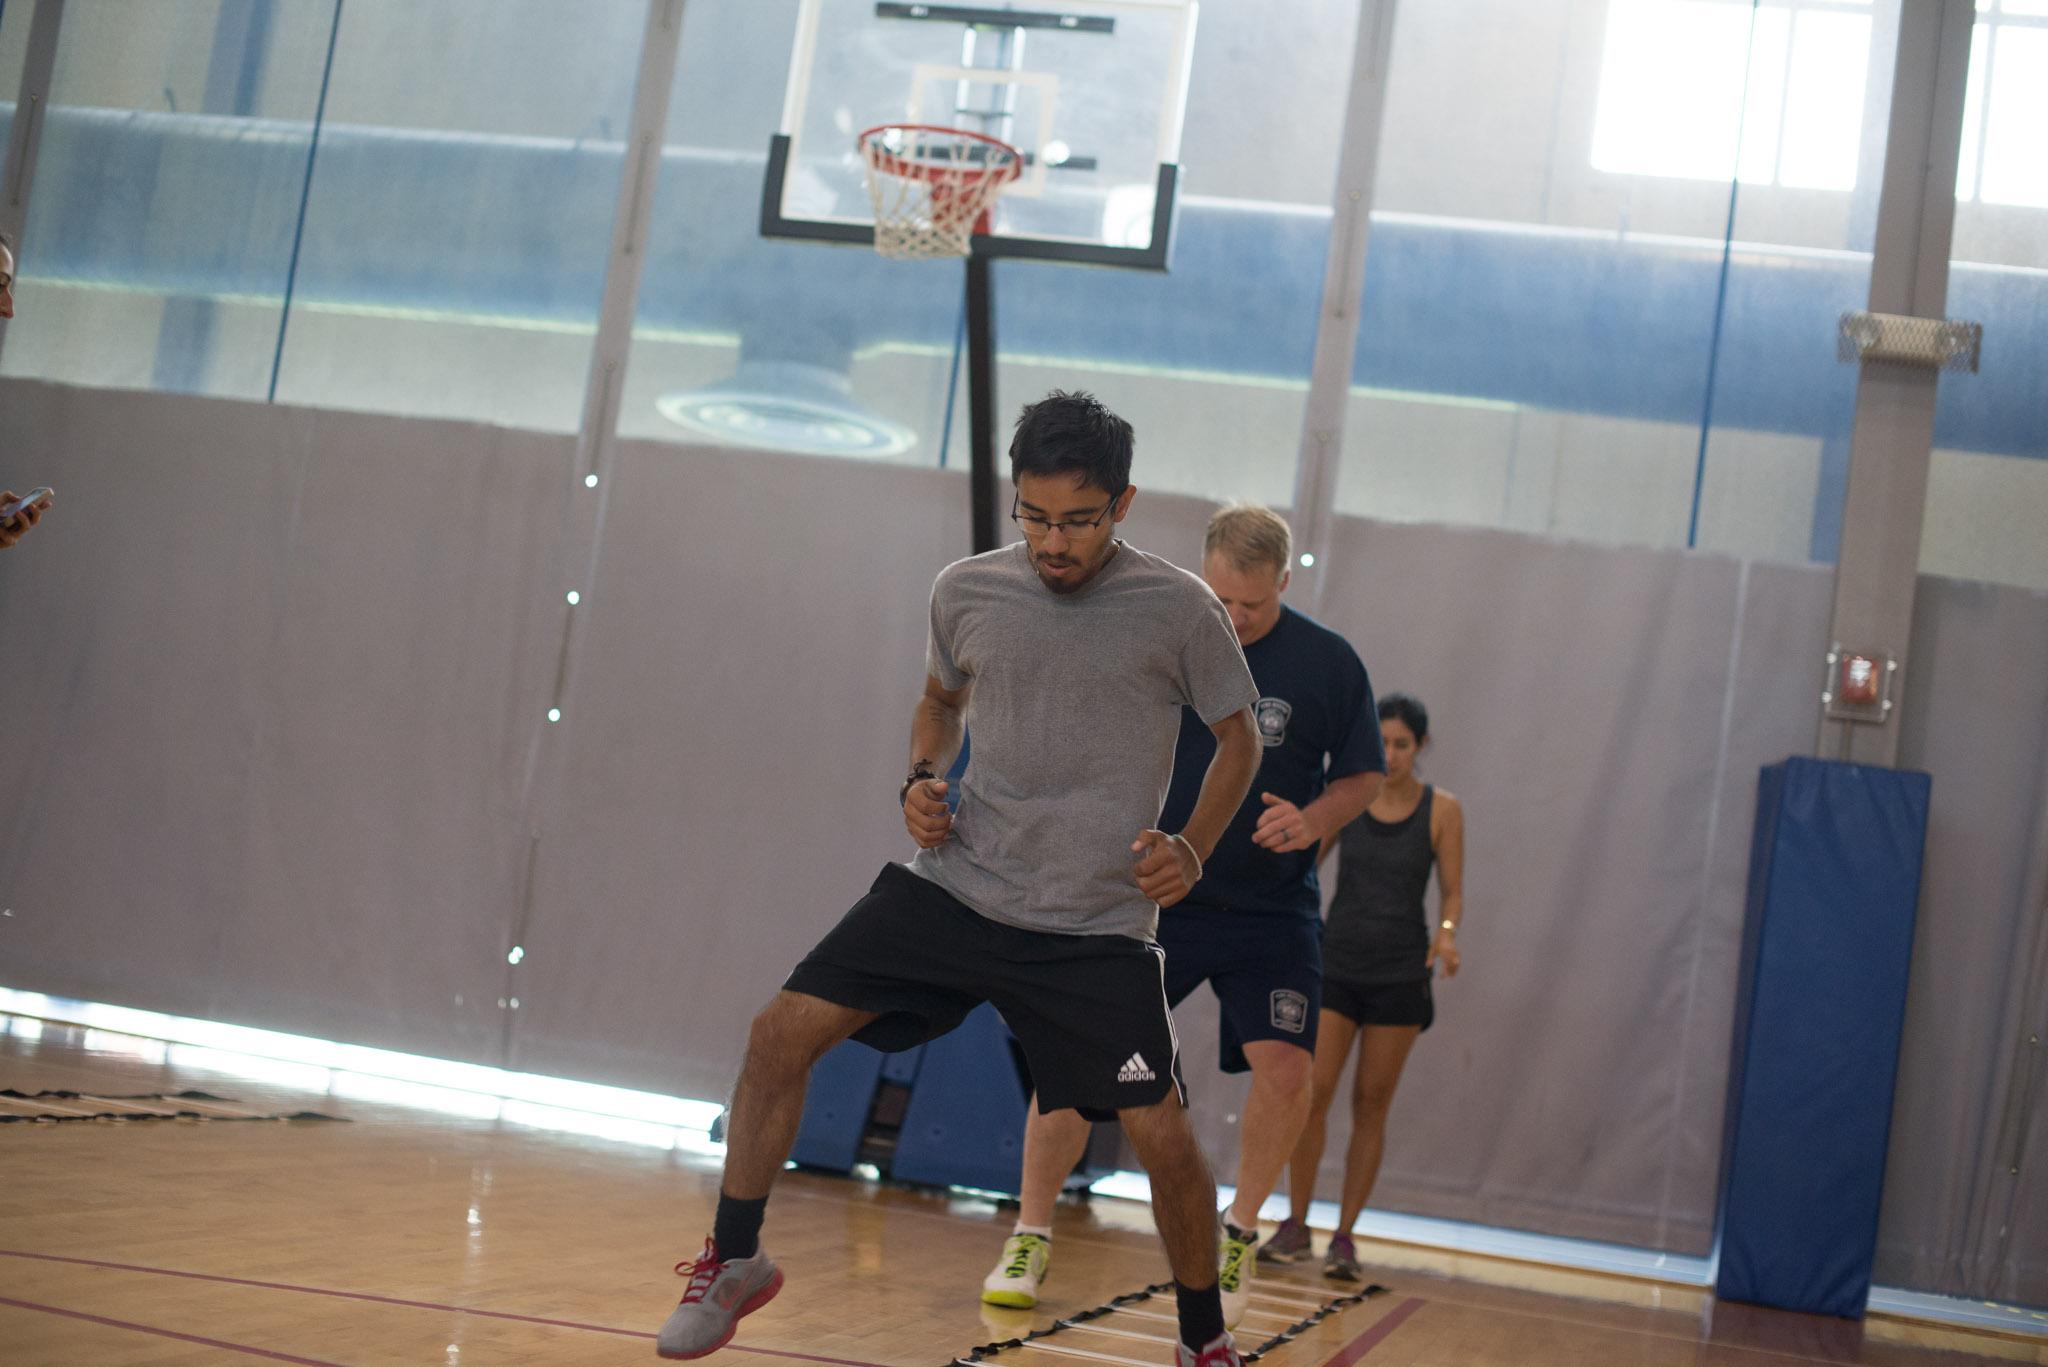 Wellness Center Stock Photos-1195.jpg